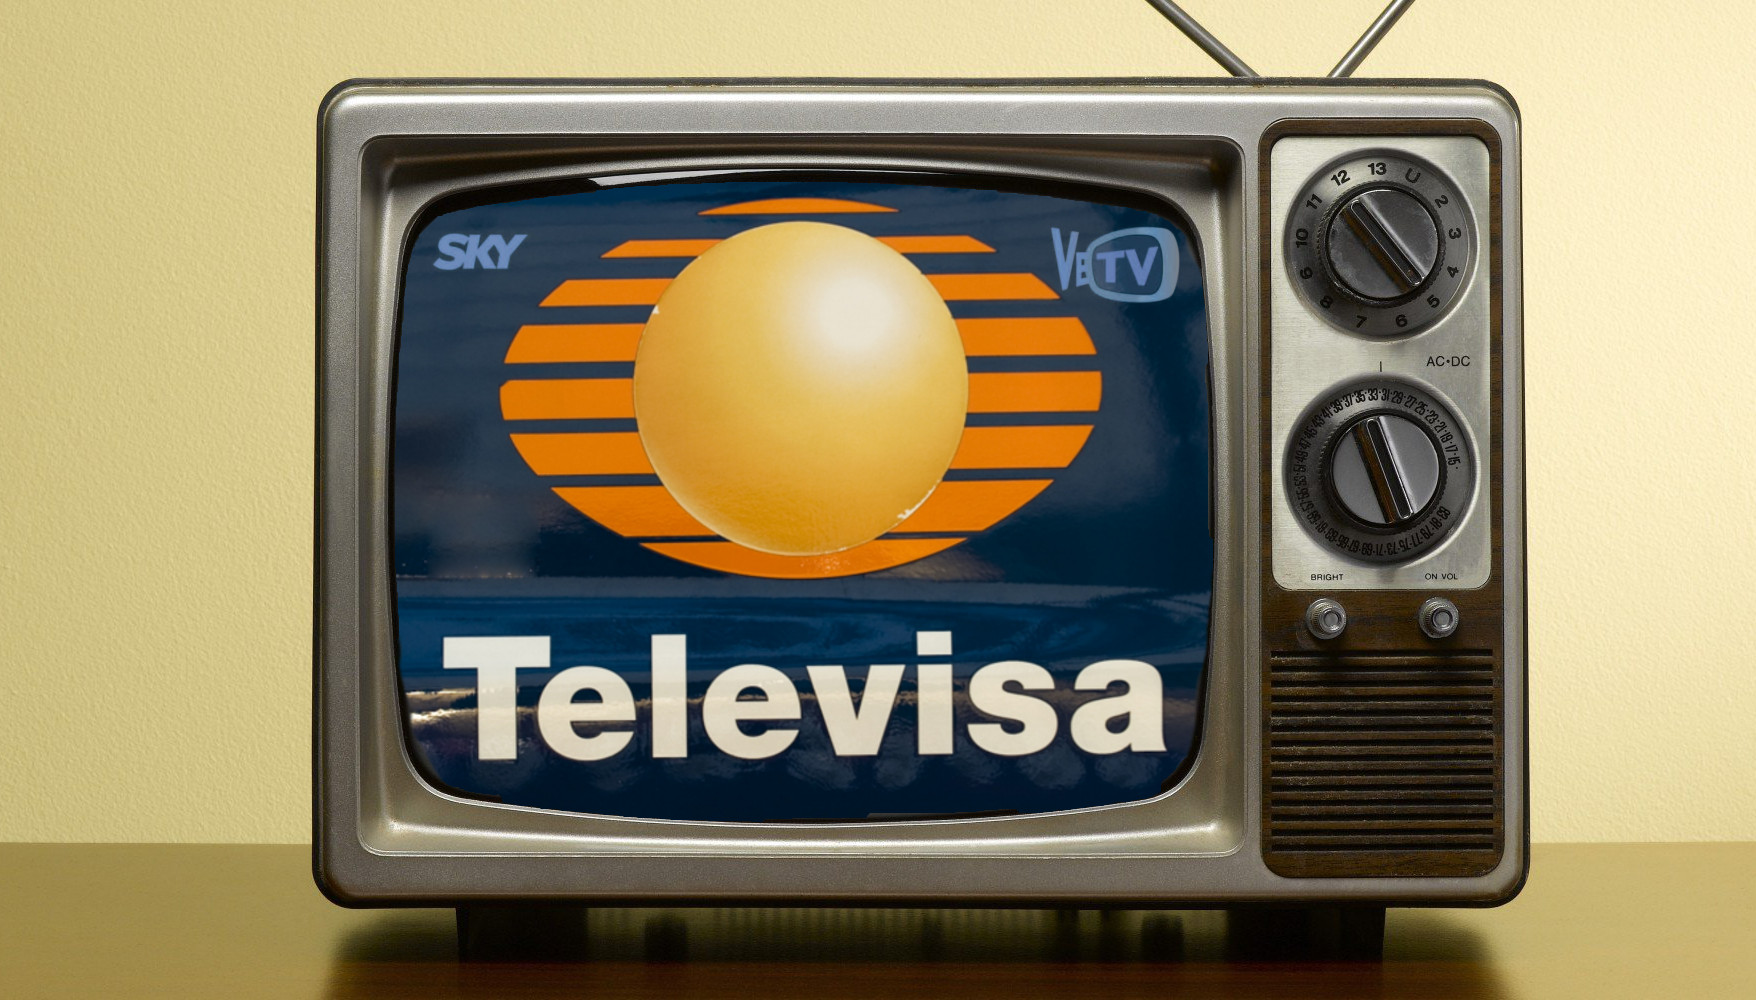 La televisión de paga sigue teniendo un importante crecimiento. Los ingresos de SKY al tercer trimestre crecieron 9.3% y se colocaron con 7.5 millones de suscriptores.